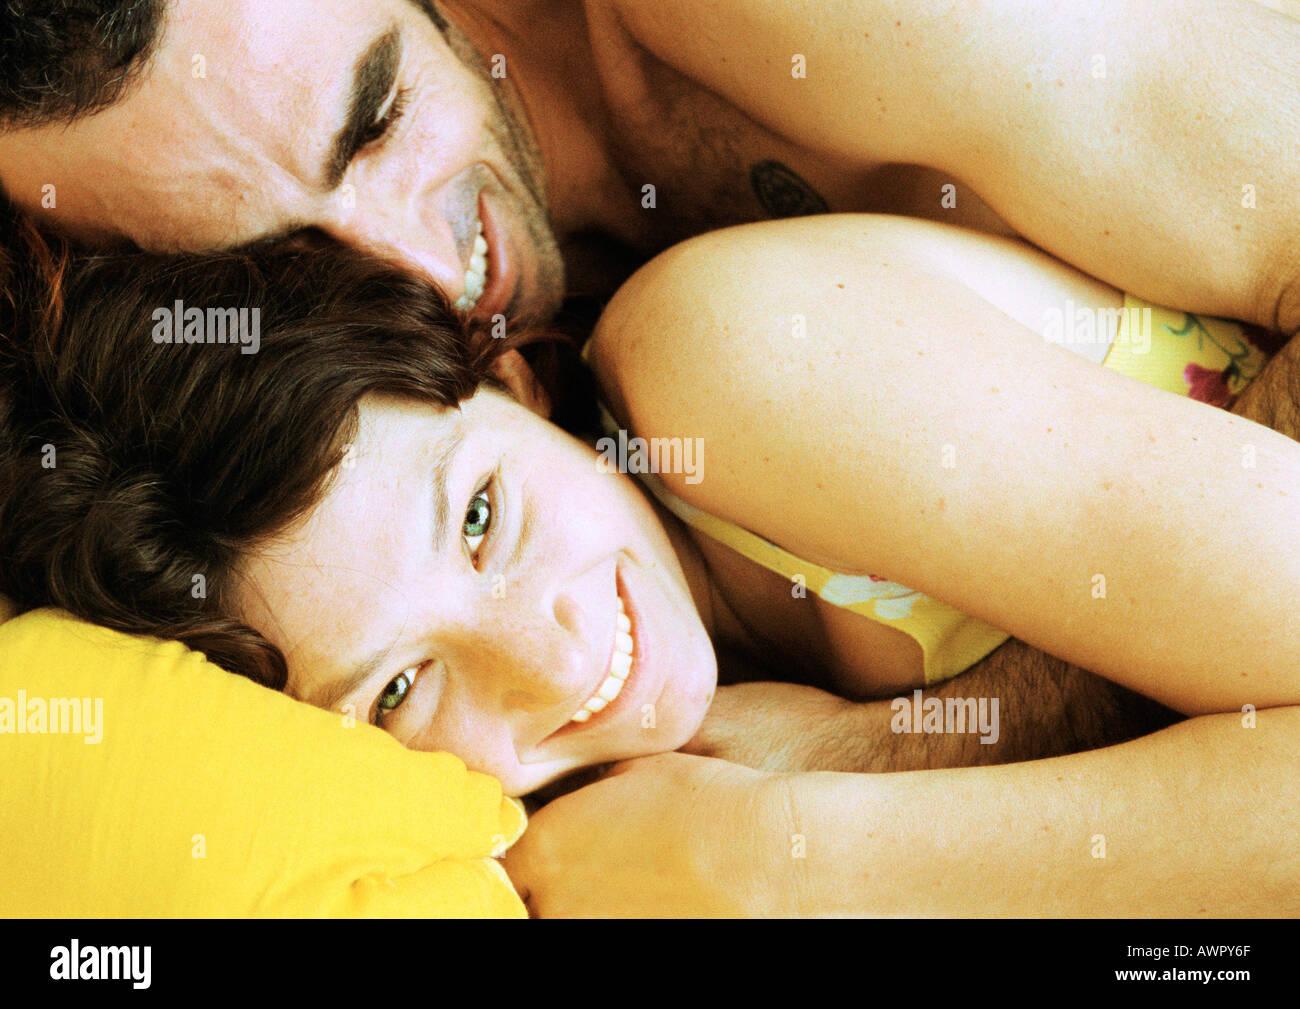 Pareja en la cama, el hombre acostado sobre la espalda, cerca de la mujer. Foto de stock